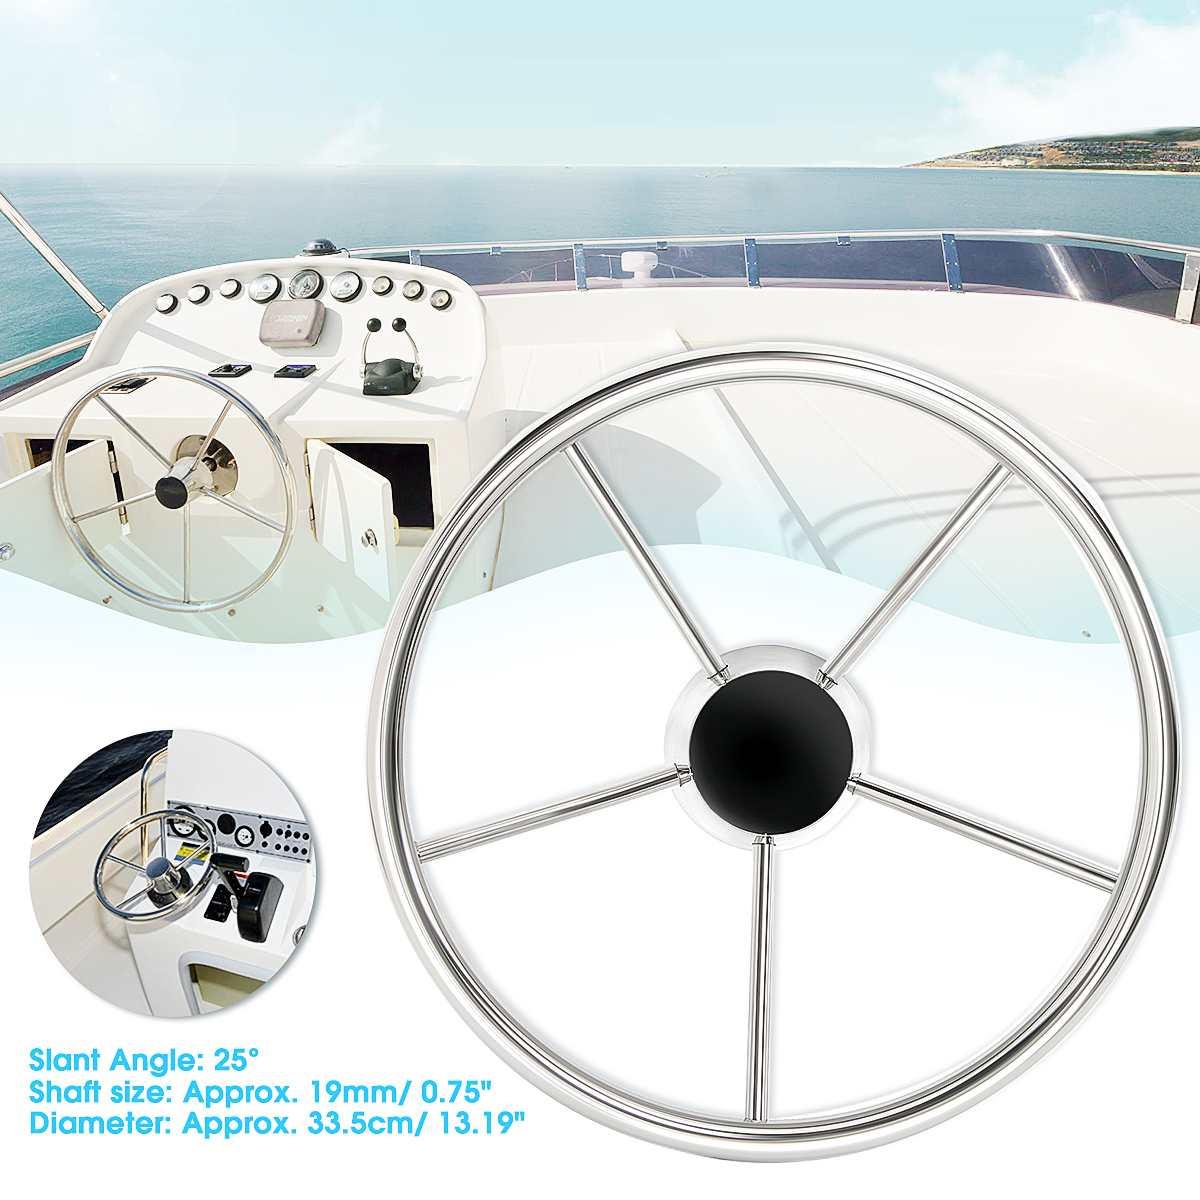 33.5 cm volant de bateau 25 degrés 5 rayons pour Yacht marin argent poli 316 acier inoxydable noir capuchon central en plastique